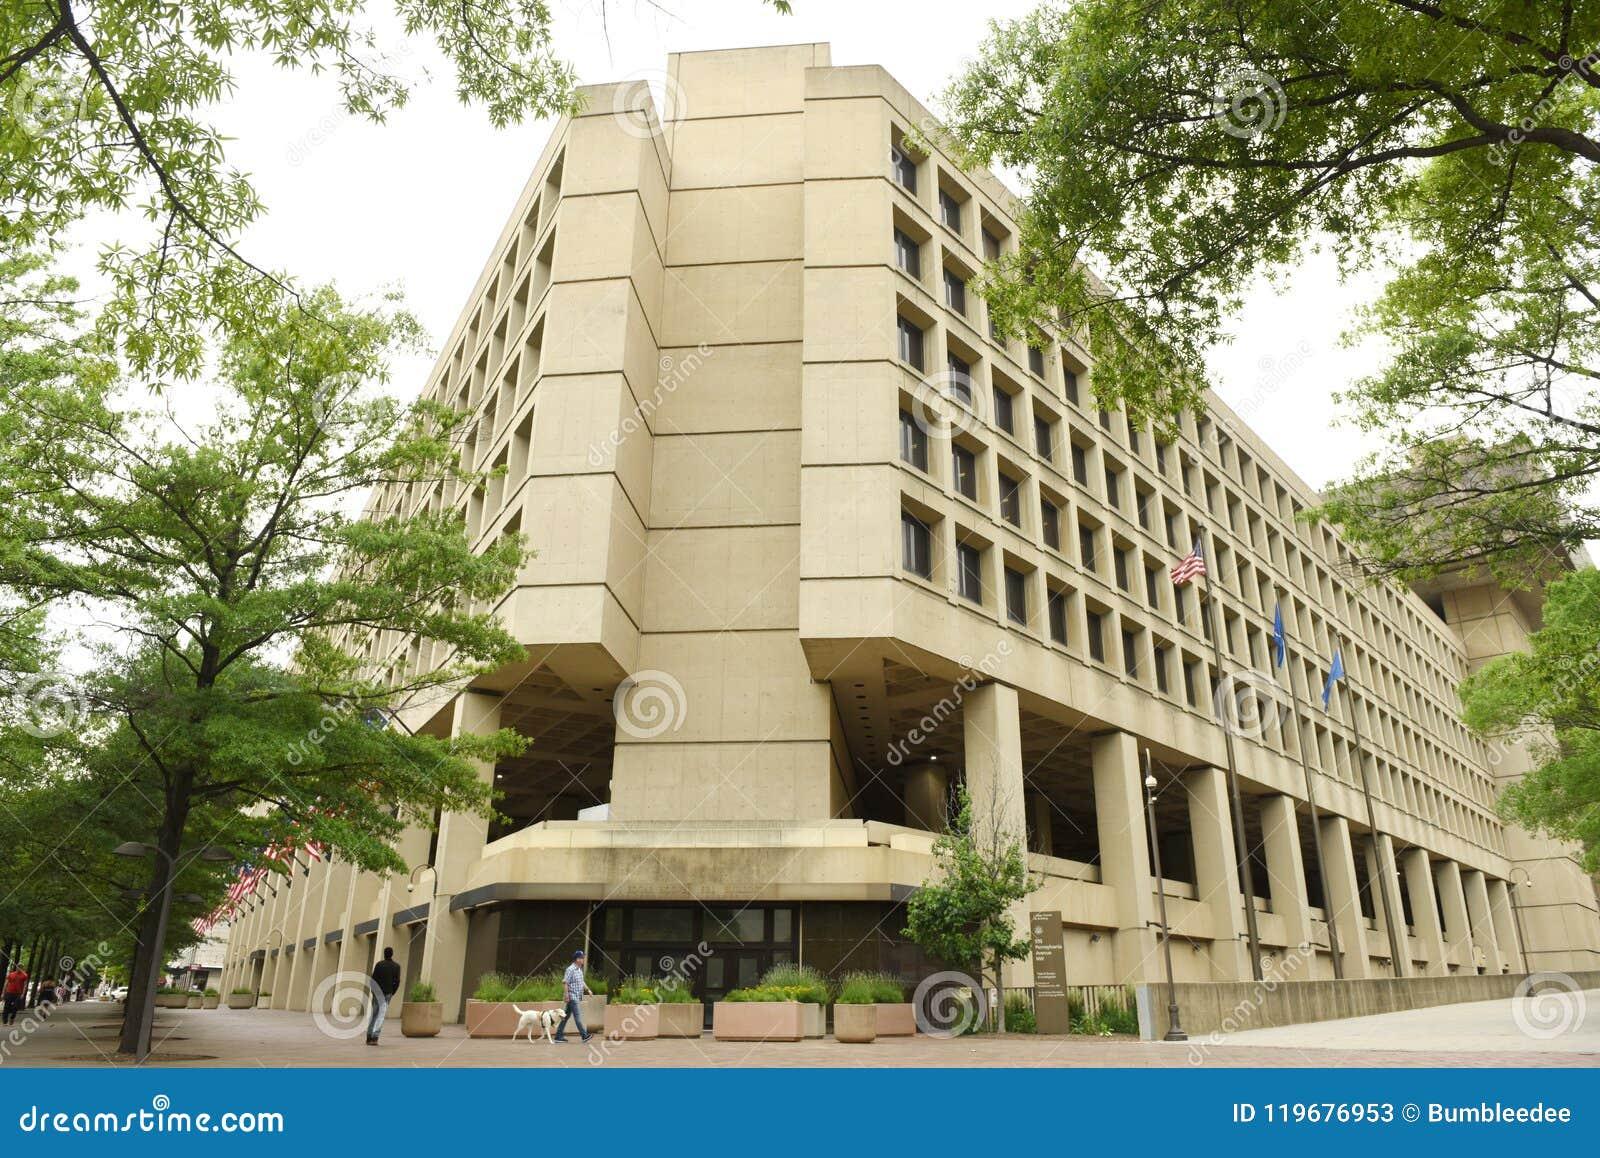 Waszyngton, DC - Czerwiec 02, 2018: FBI, Federacyjny biuro Investig